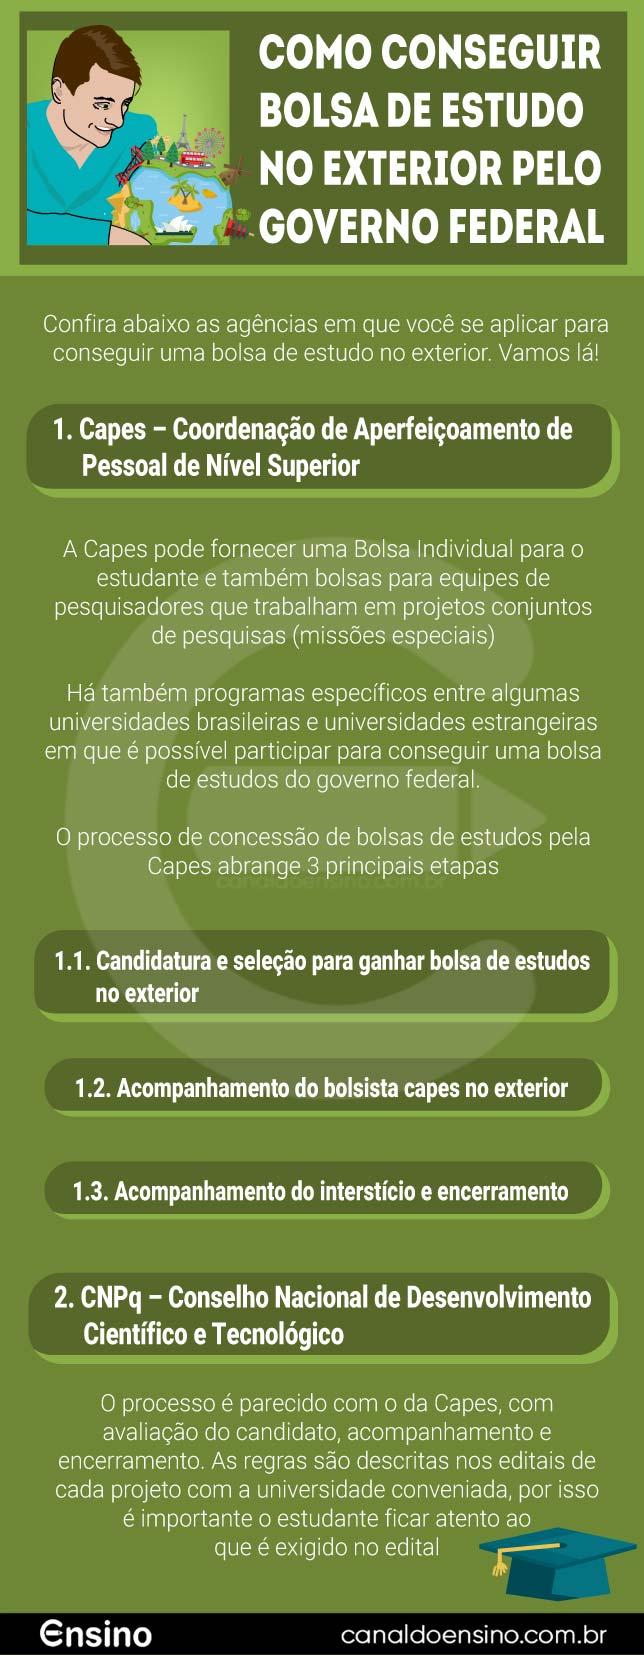 Infografico_bolsa_de_estudo_no_exterior_pelo_governo_federal-01